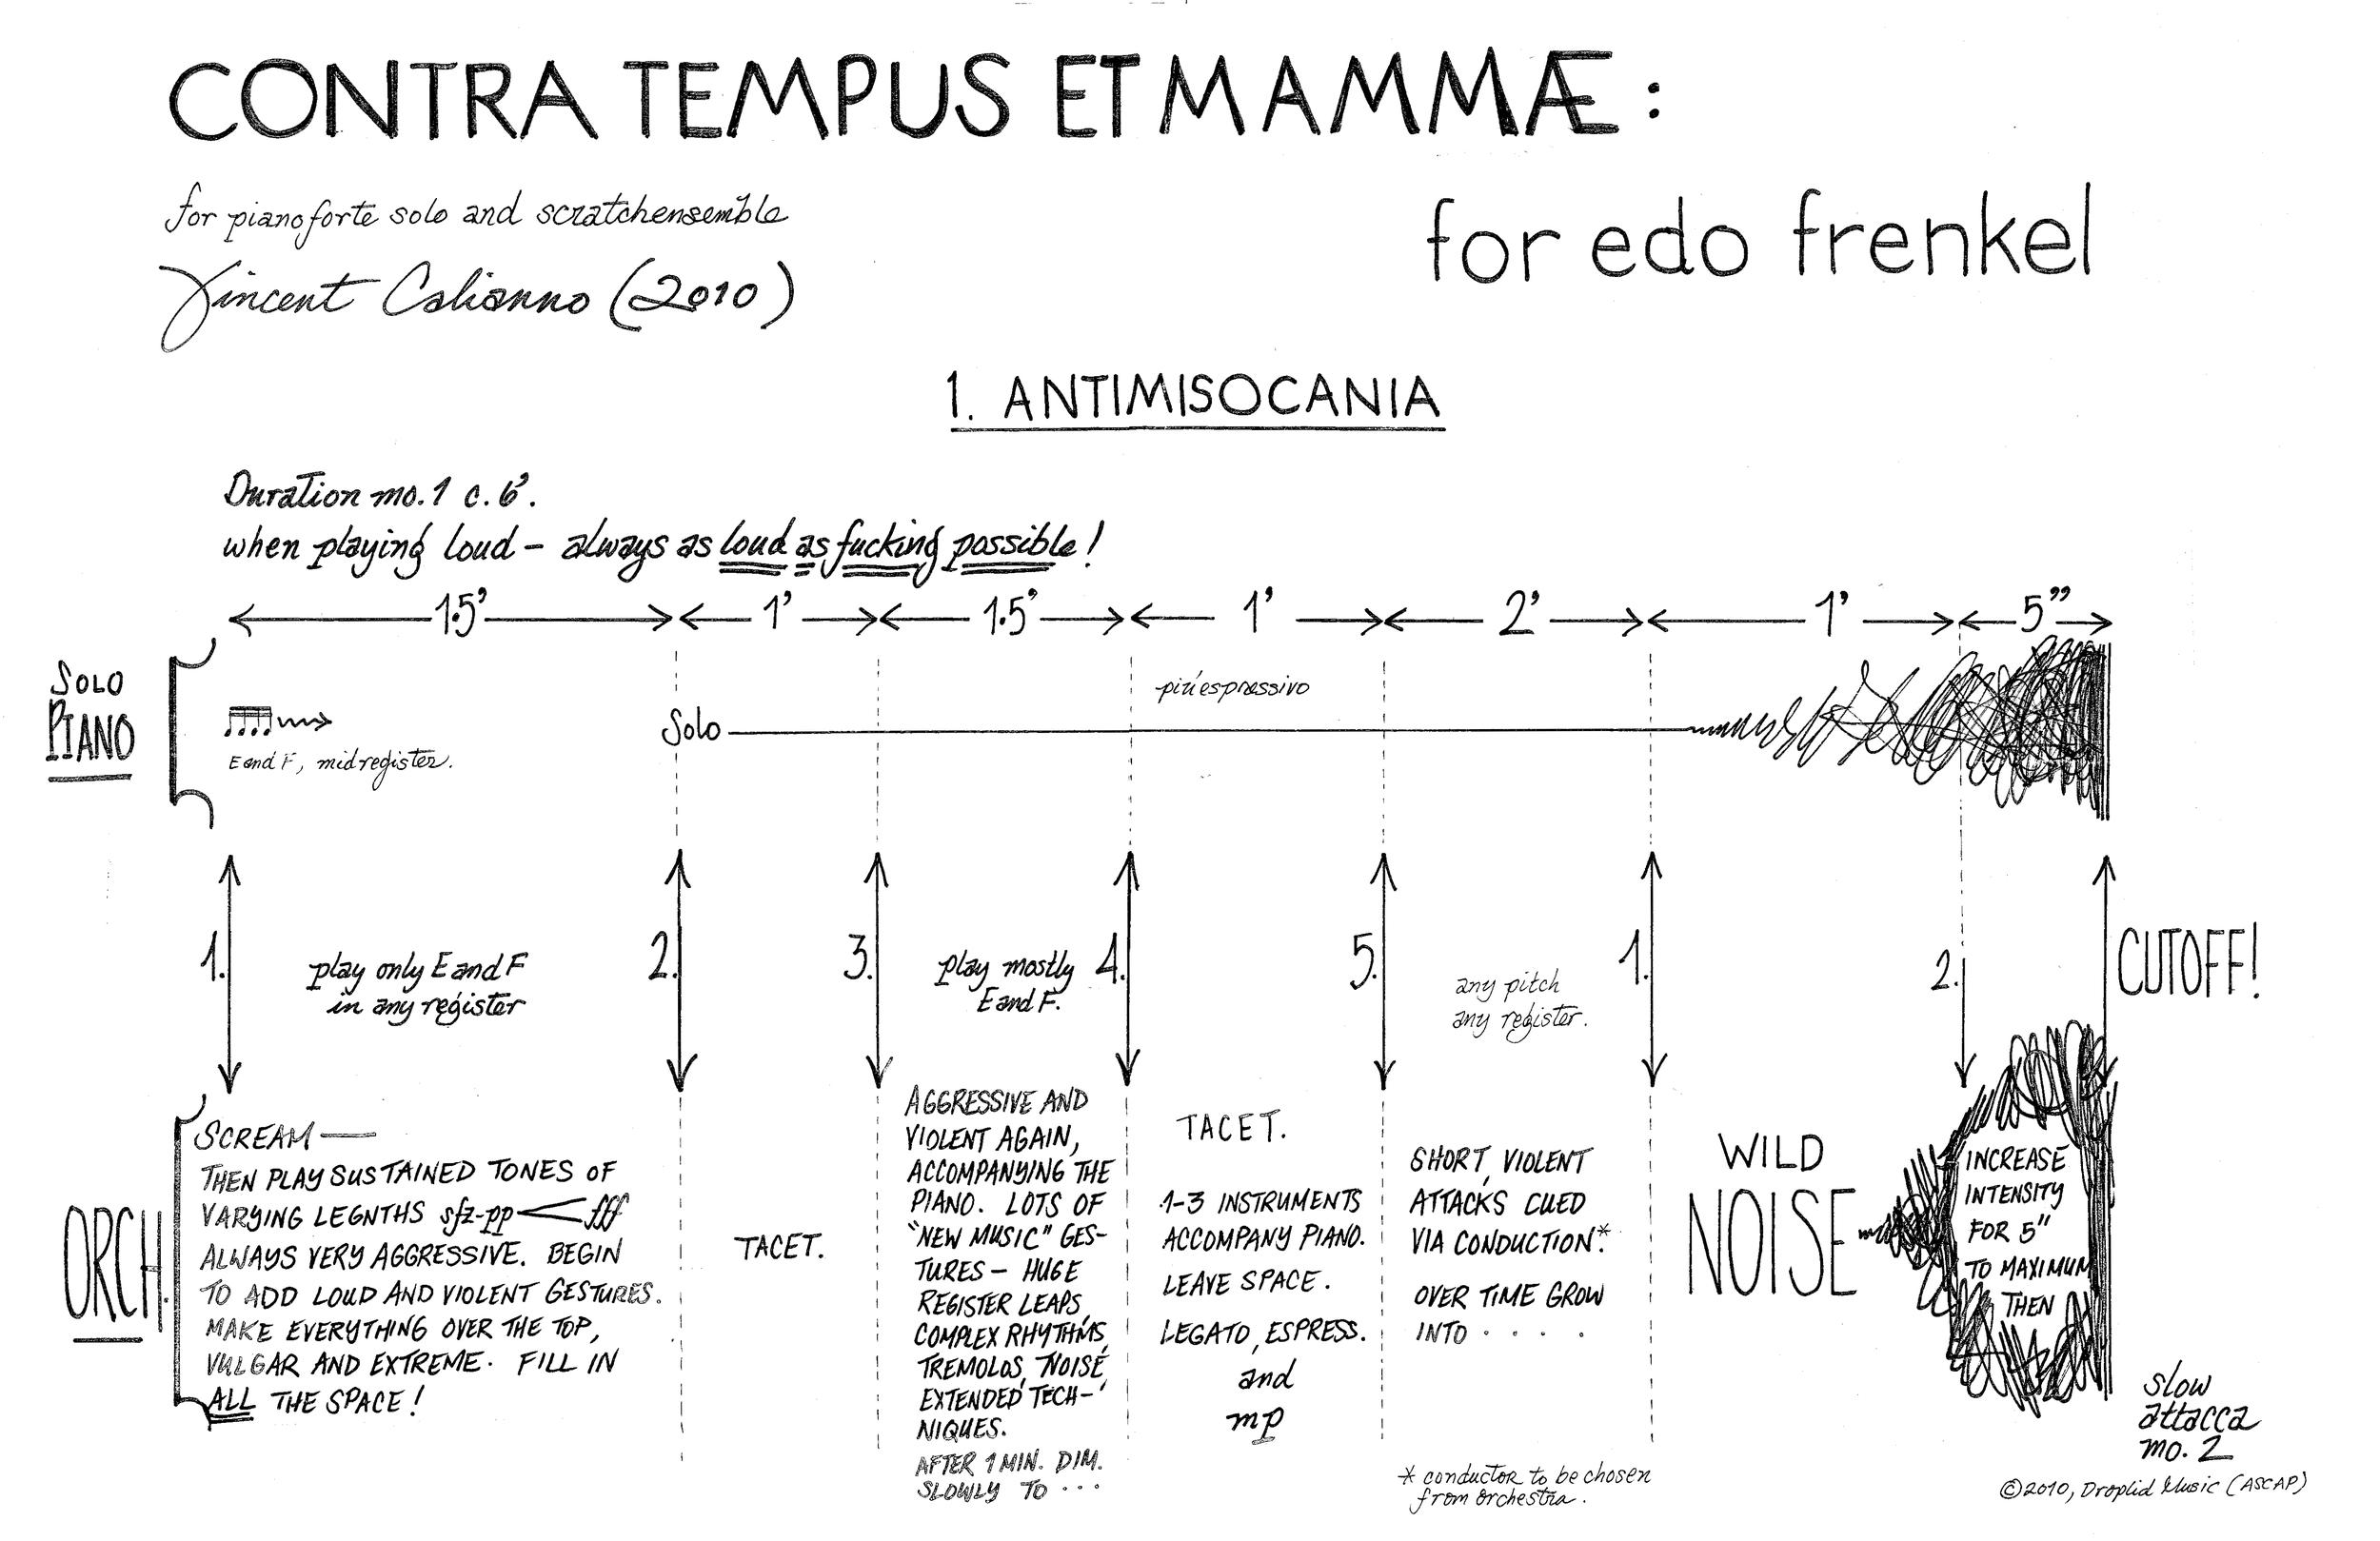 Contra Tempus Et Mammae - Score-1.jpg